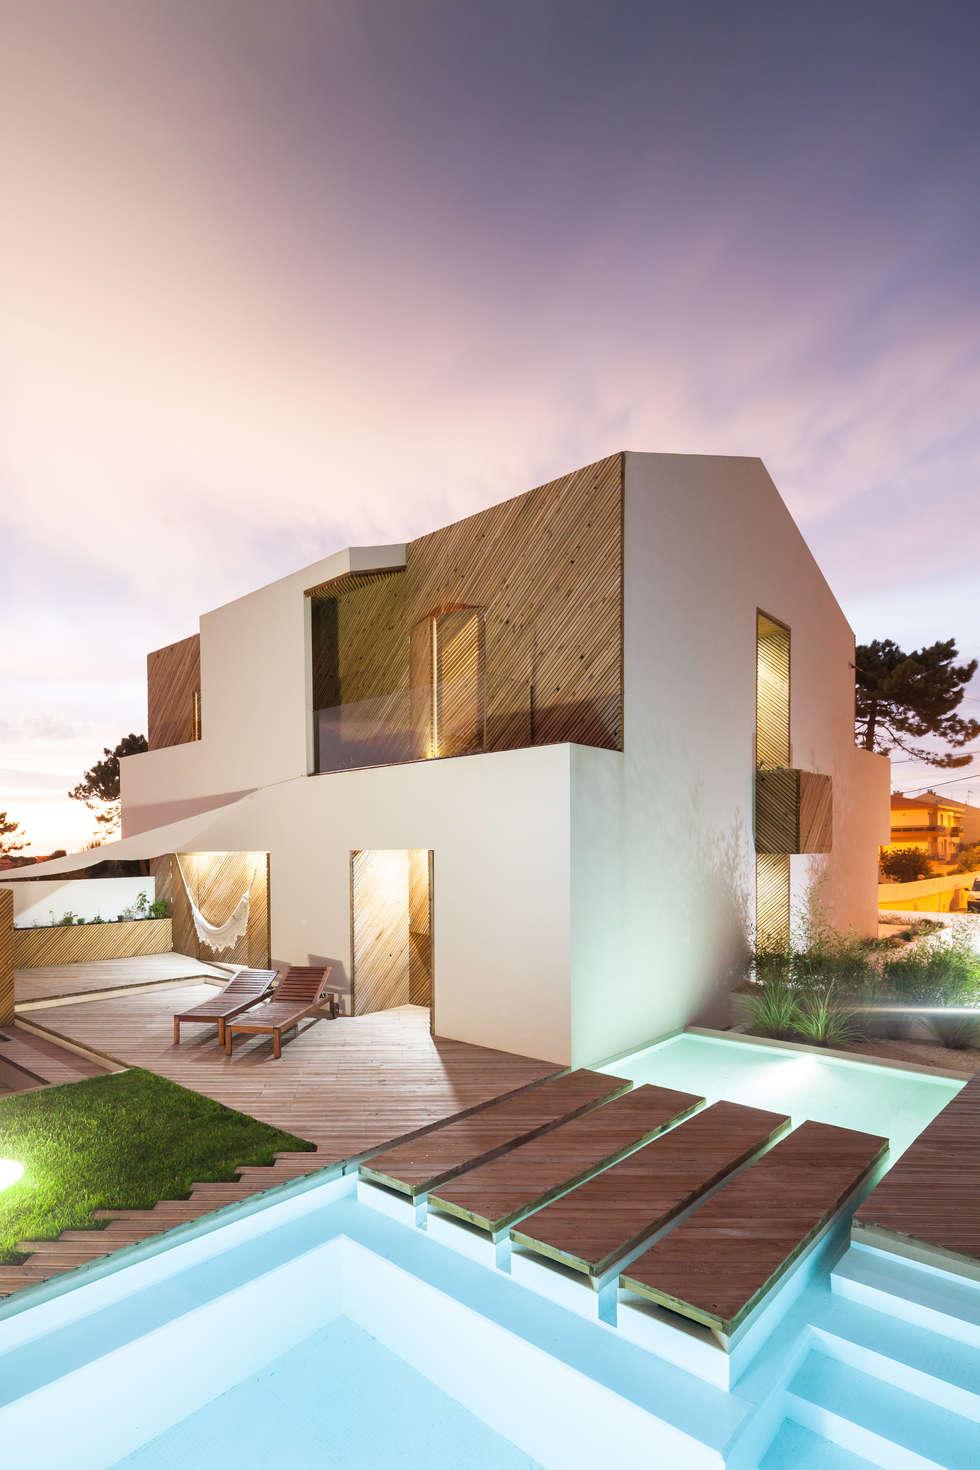 บ้านและที่อยู่อาศัย by Joao Morgado - Architectural Photography